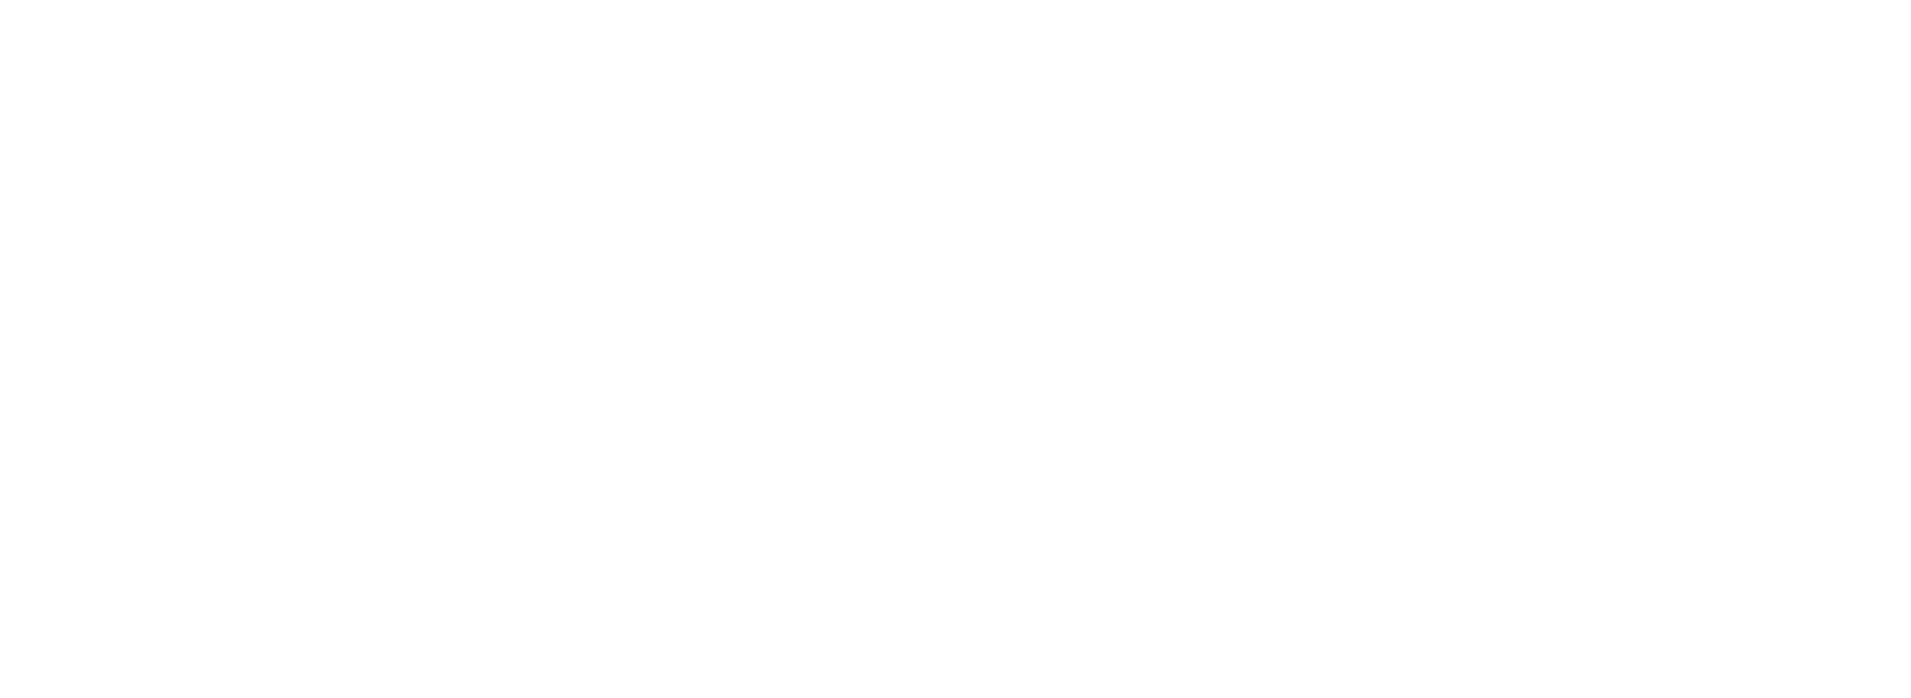 SMC_logo_3_RGB_white.png